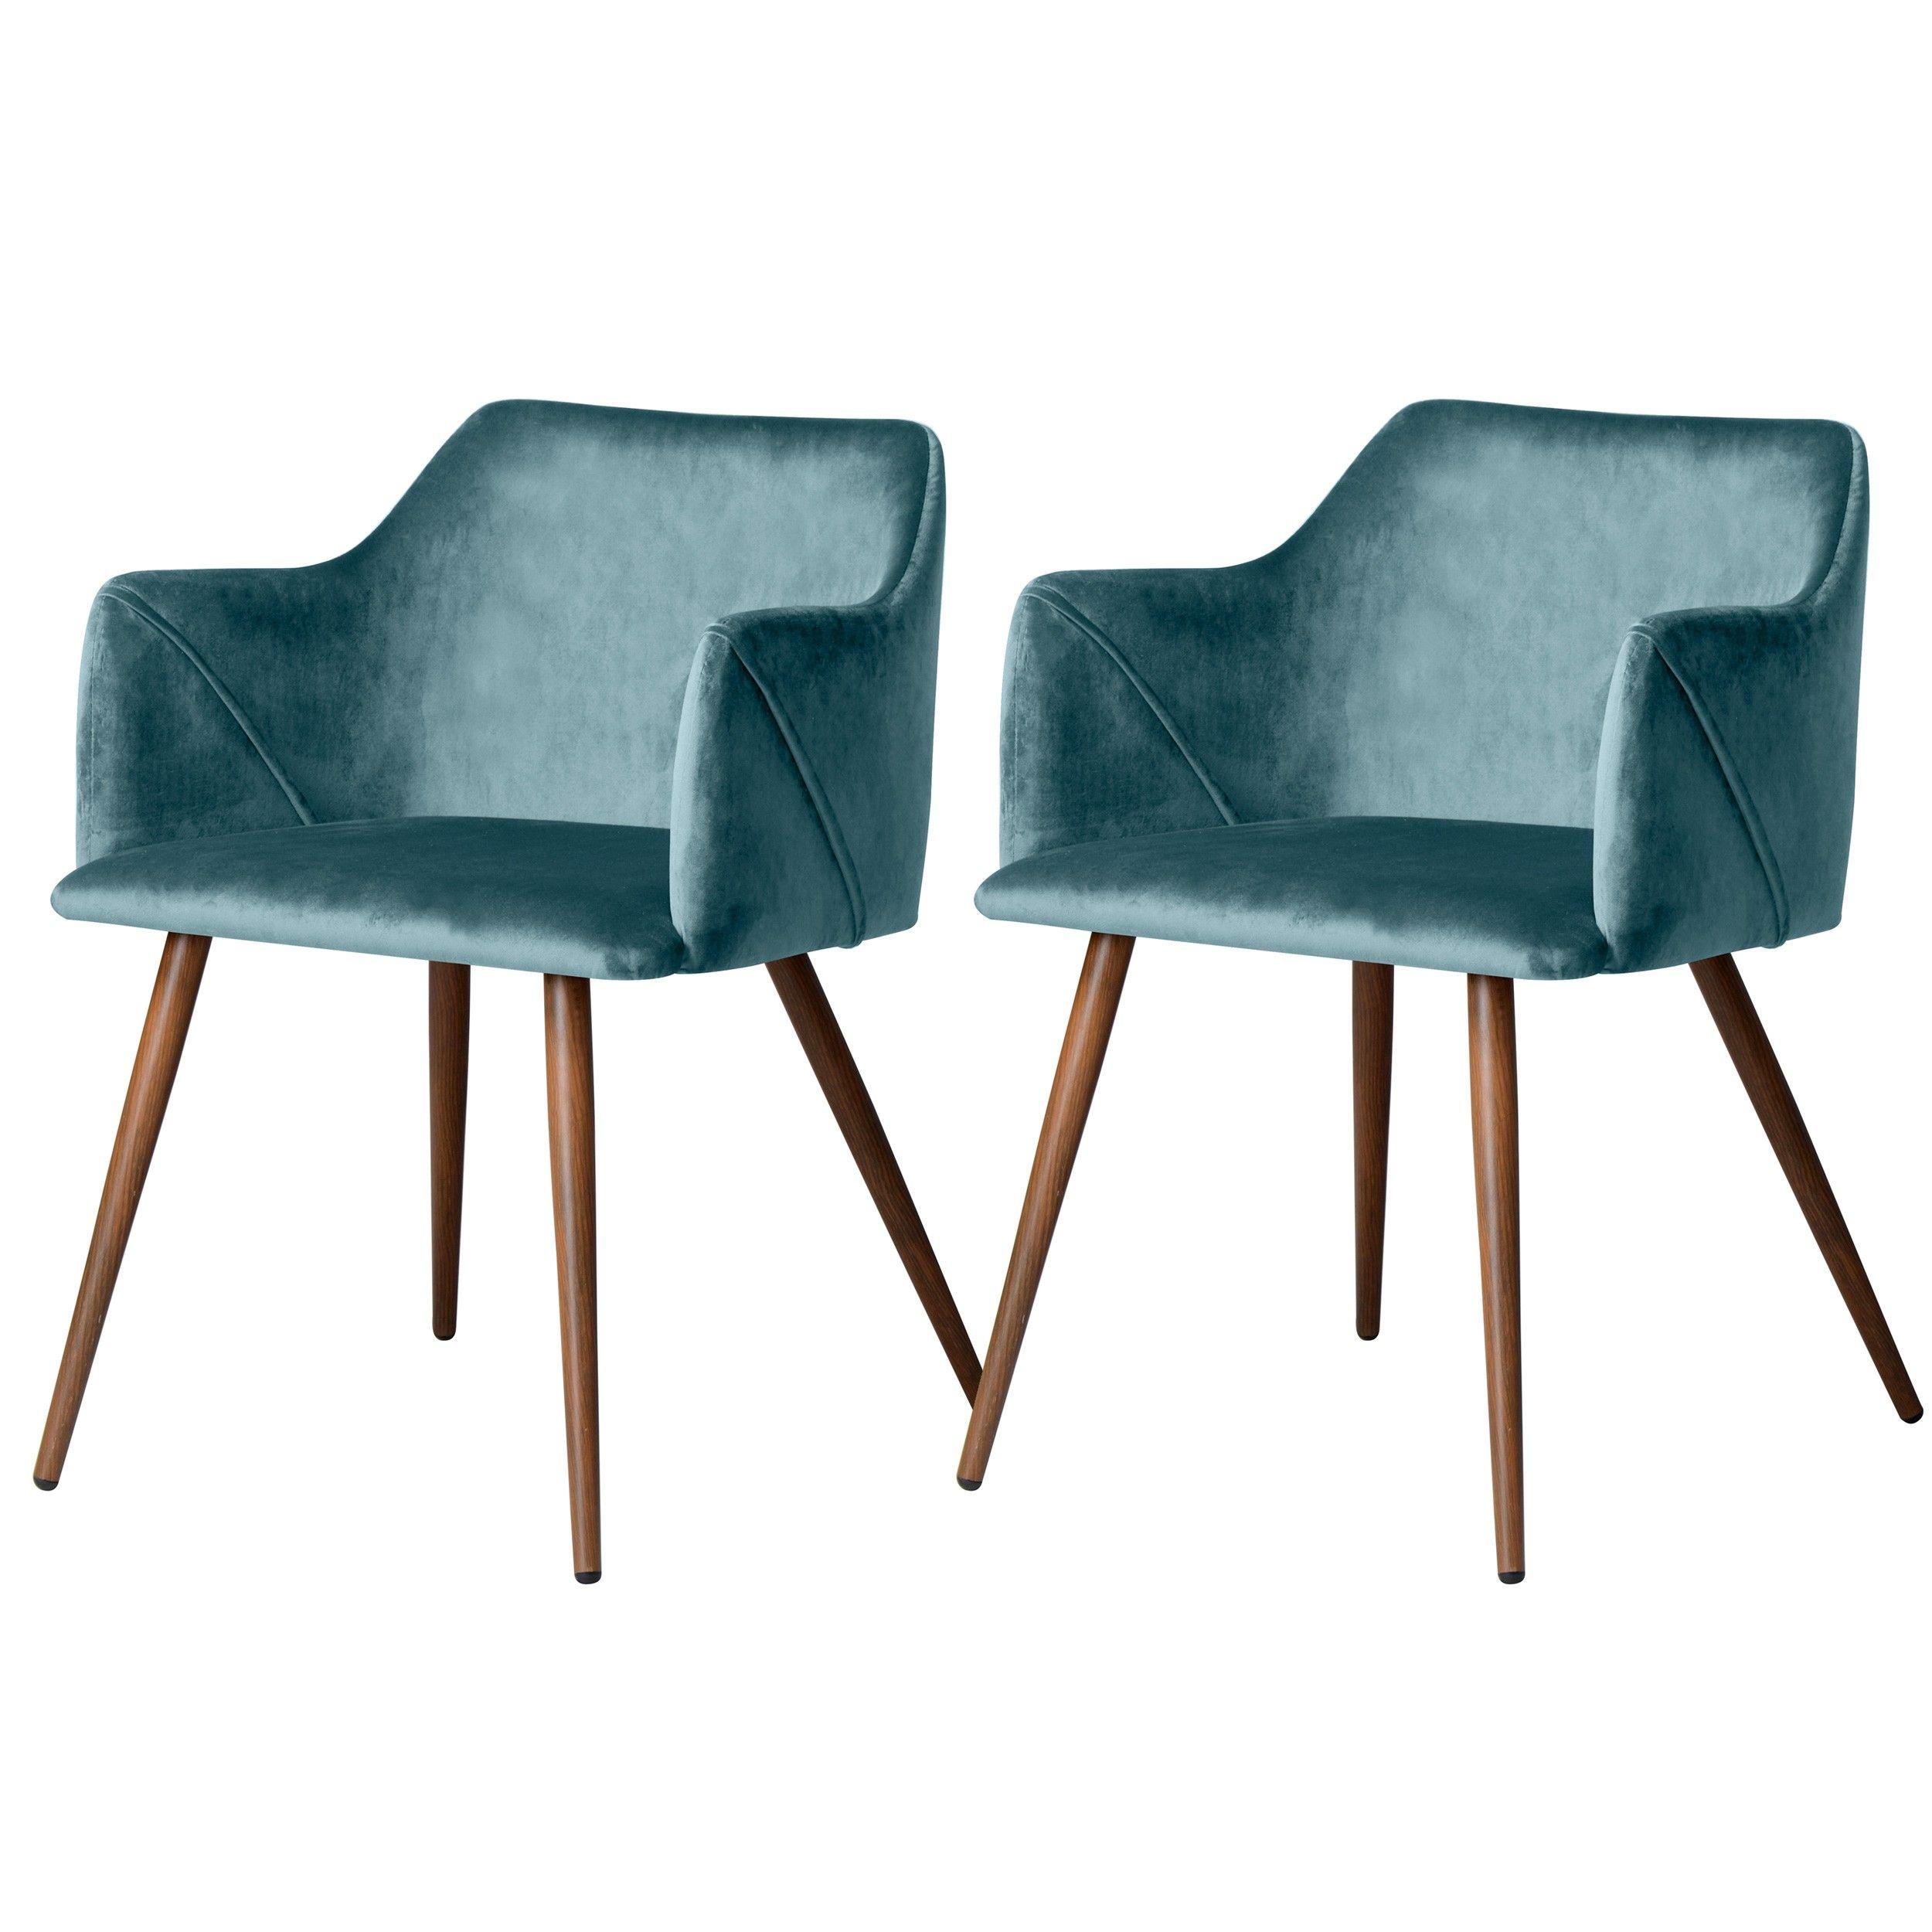 Chaise En Velours Daisy Bleue Lot De 2 Adoptez Les Chaises En Velours Daisy Bleues Design Rdv Deco Chaise Design Chaises Rembourrees But Canape